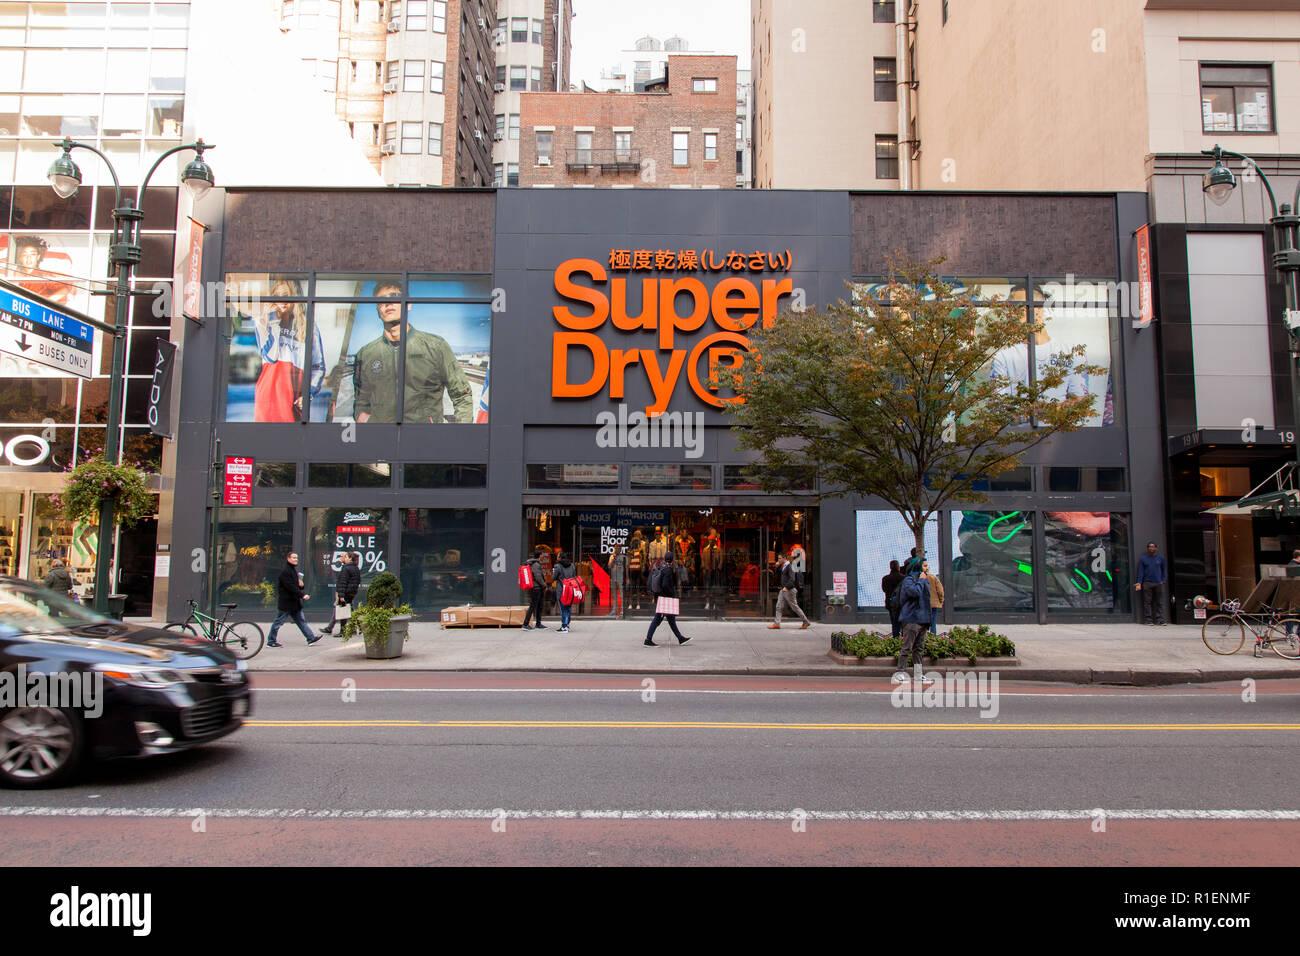 Magasin Super Dry w 34th Street, Midtown, Manhattan, New York City, États-Unis d'Amérique. Banque D'Images